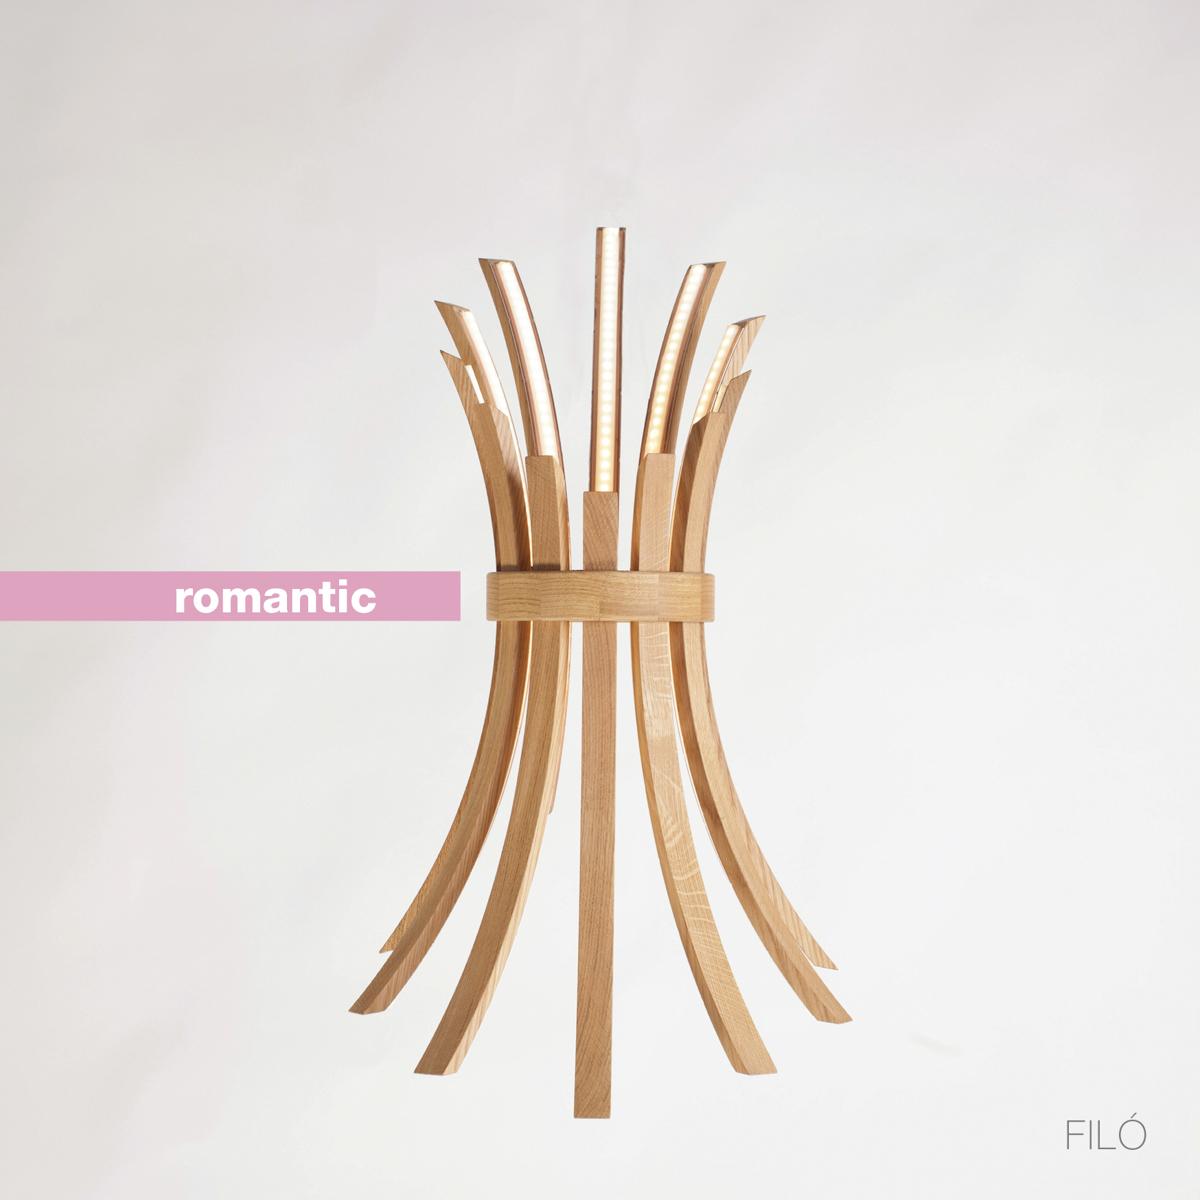 flyerfilo_personality_06_romantic-2